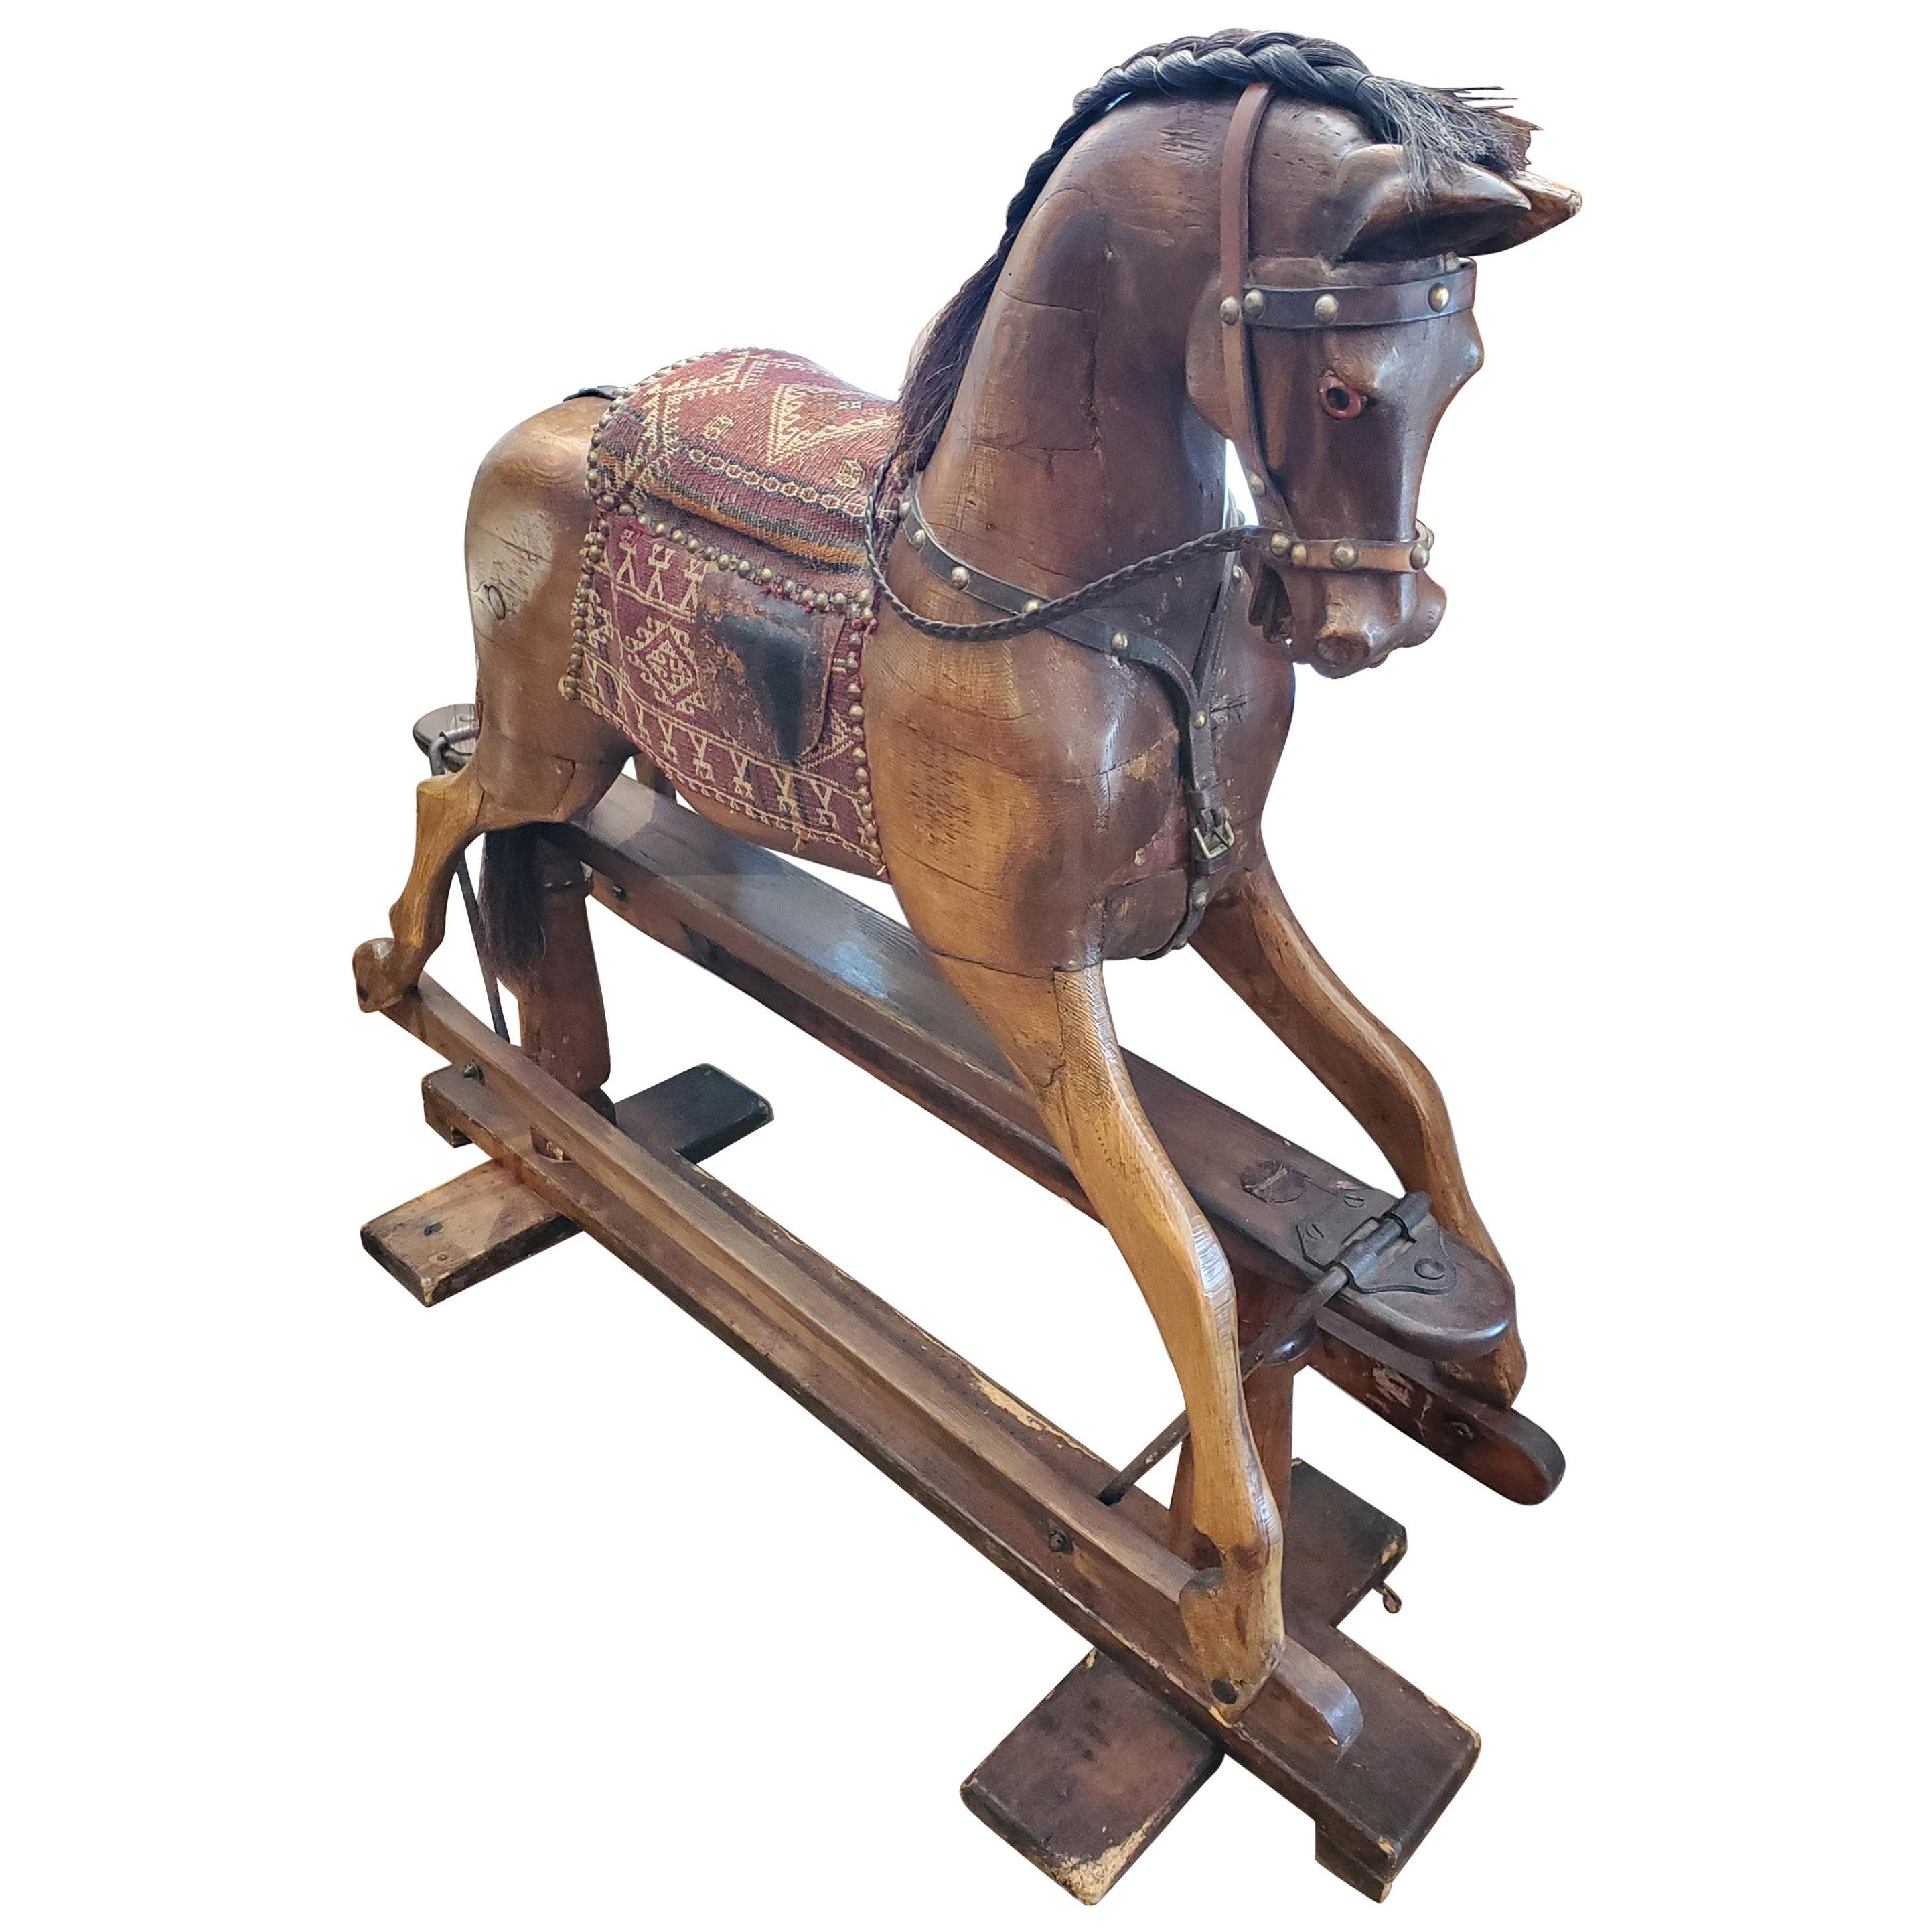 19th Century English Rocking Horse with Upholstered Saddle